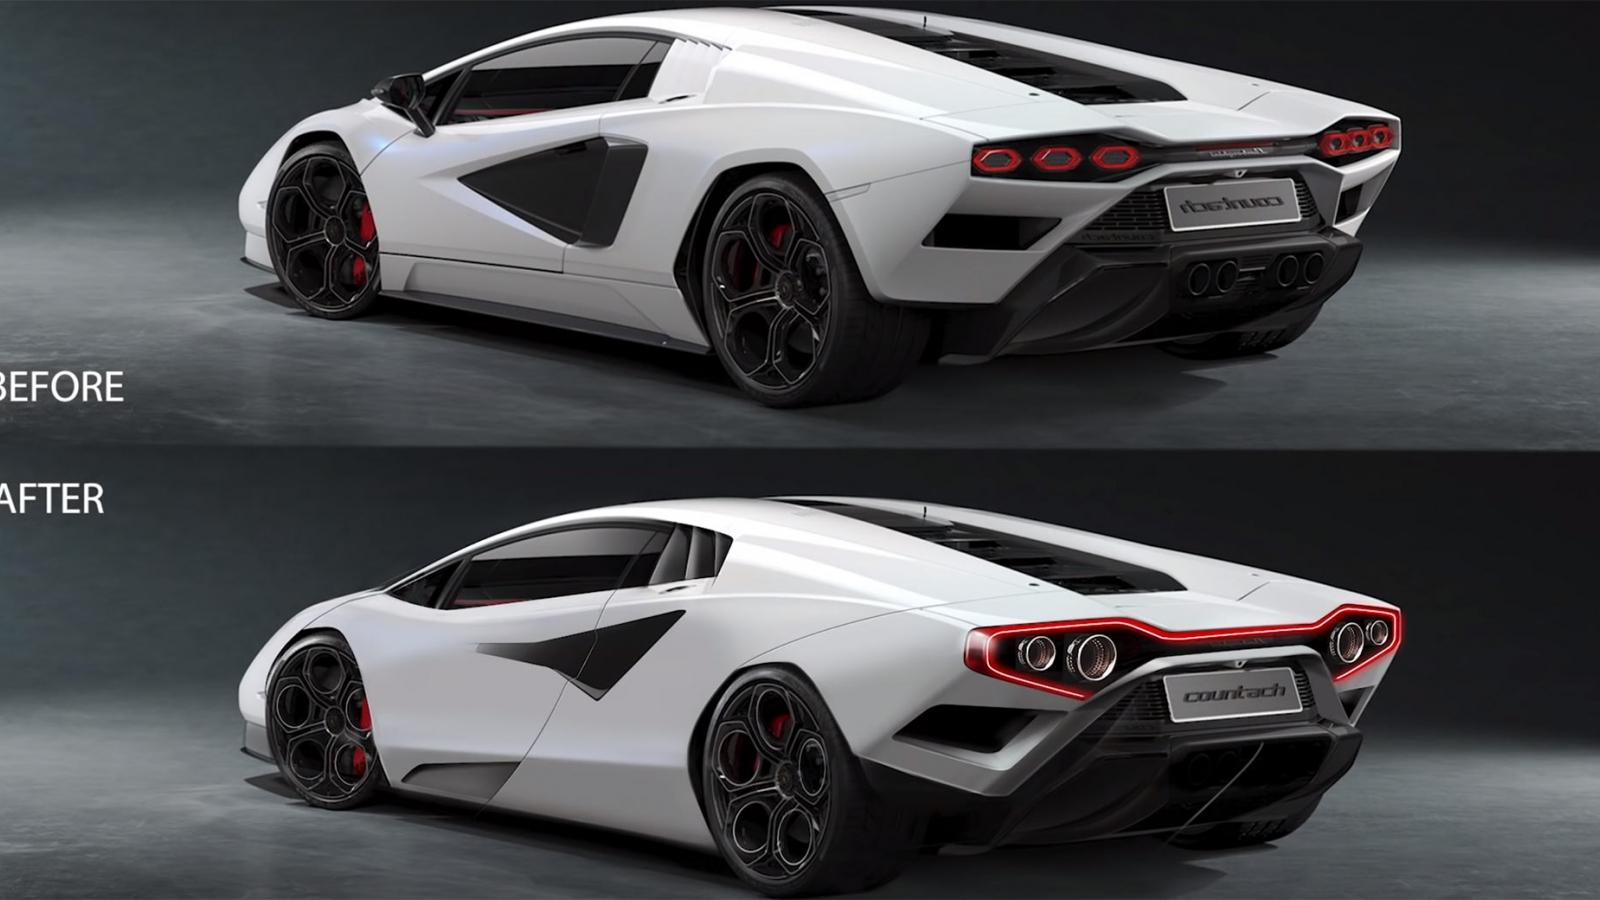 Frank Stephenson phê bình thiết kế của siêu xe Lamborghini Countach LPI 800-4 mới